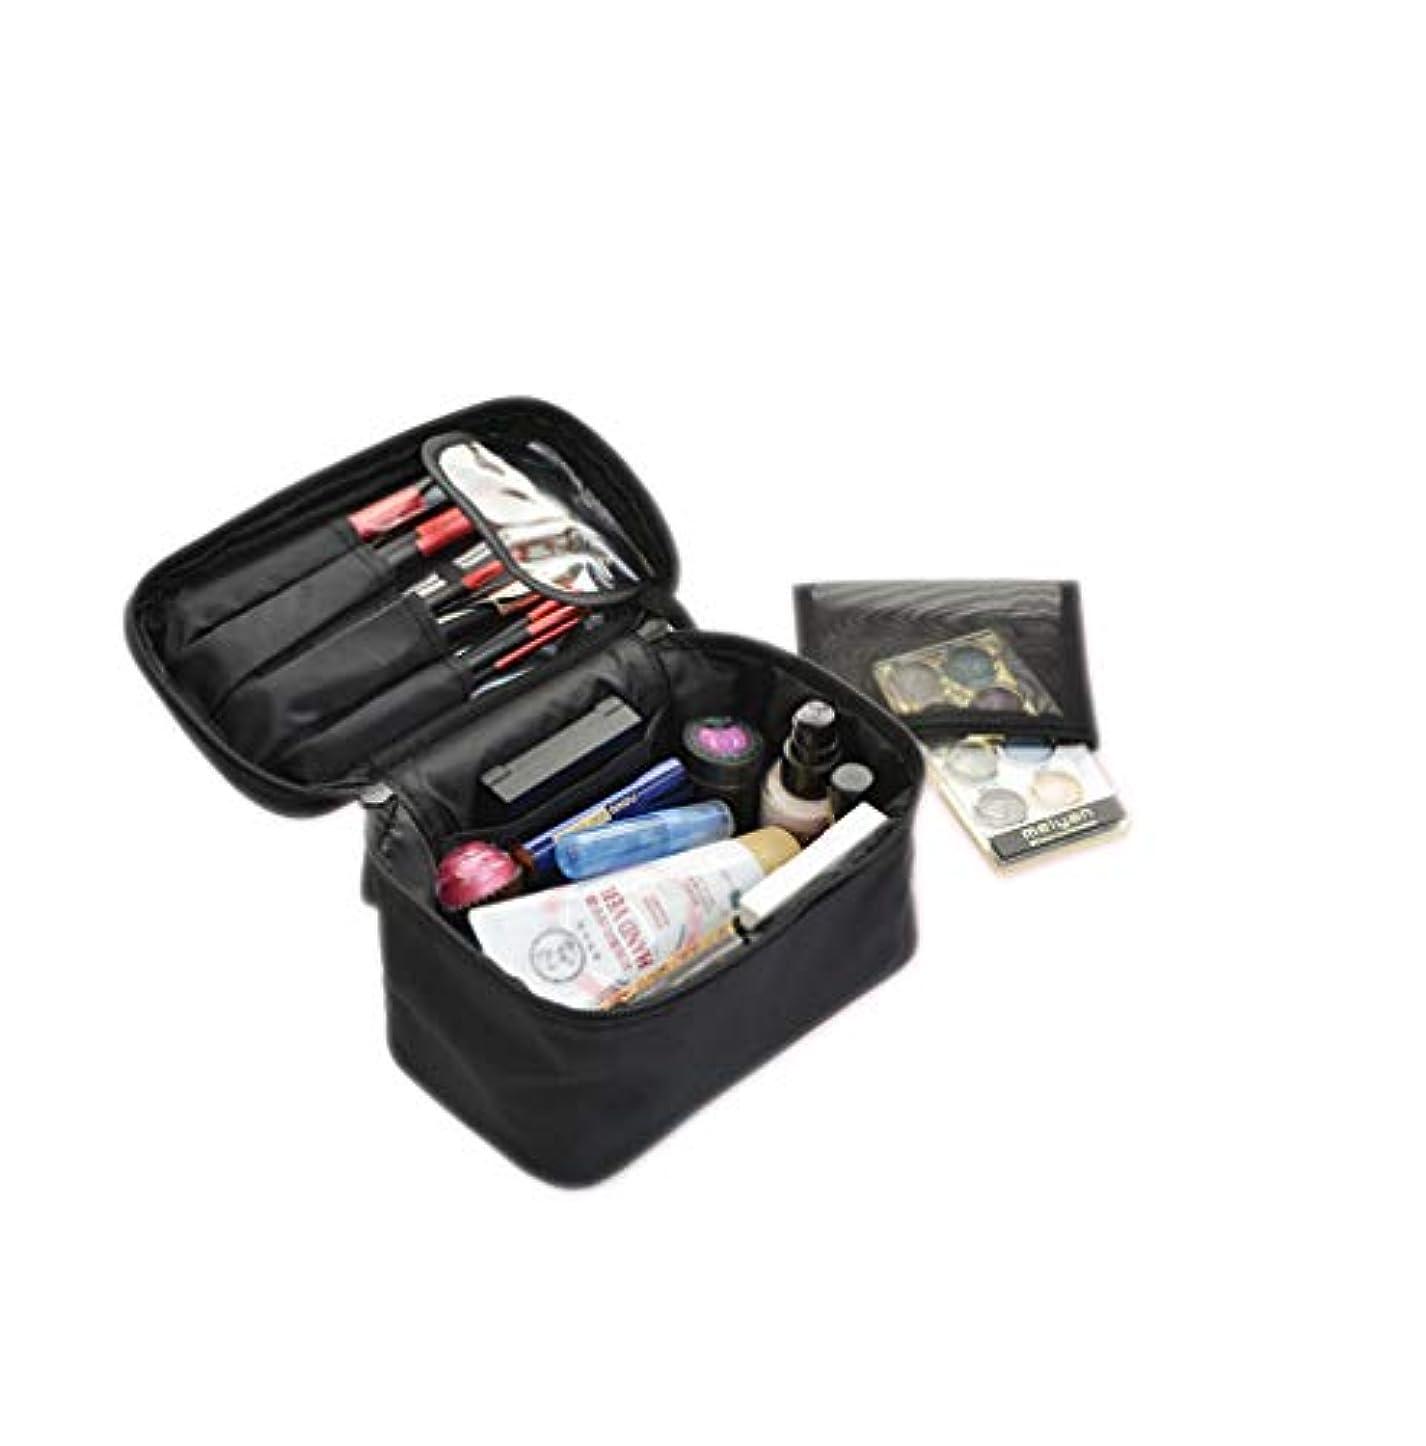 化粧バッグ プロ ポータブル 化粧品袋 高品質大容量 収納袋 旅行ウォッシュバッグ 女性多機能化粧品バッグ